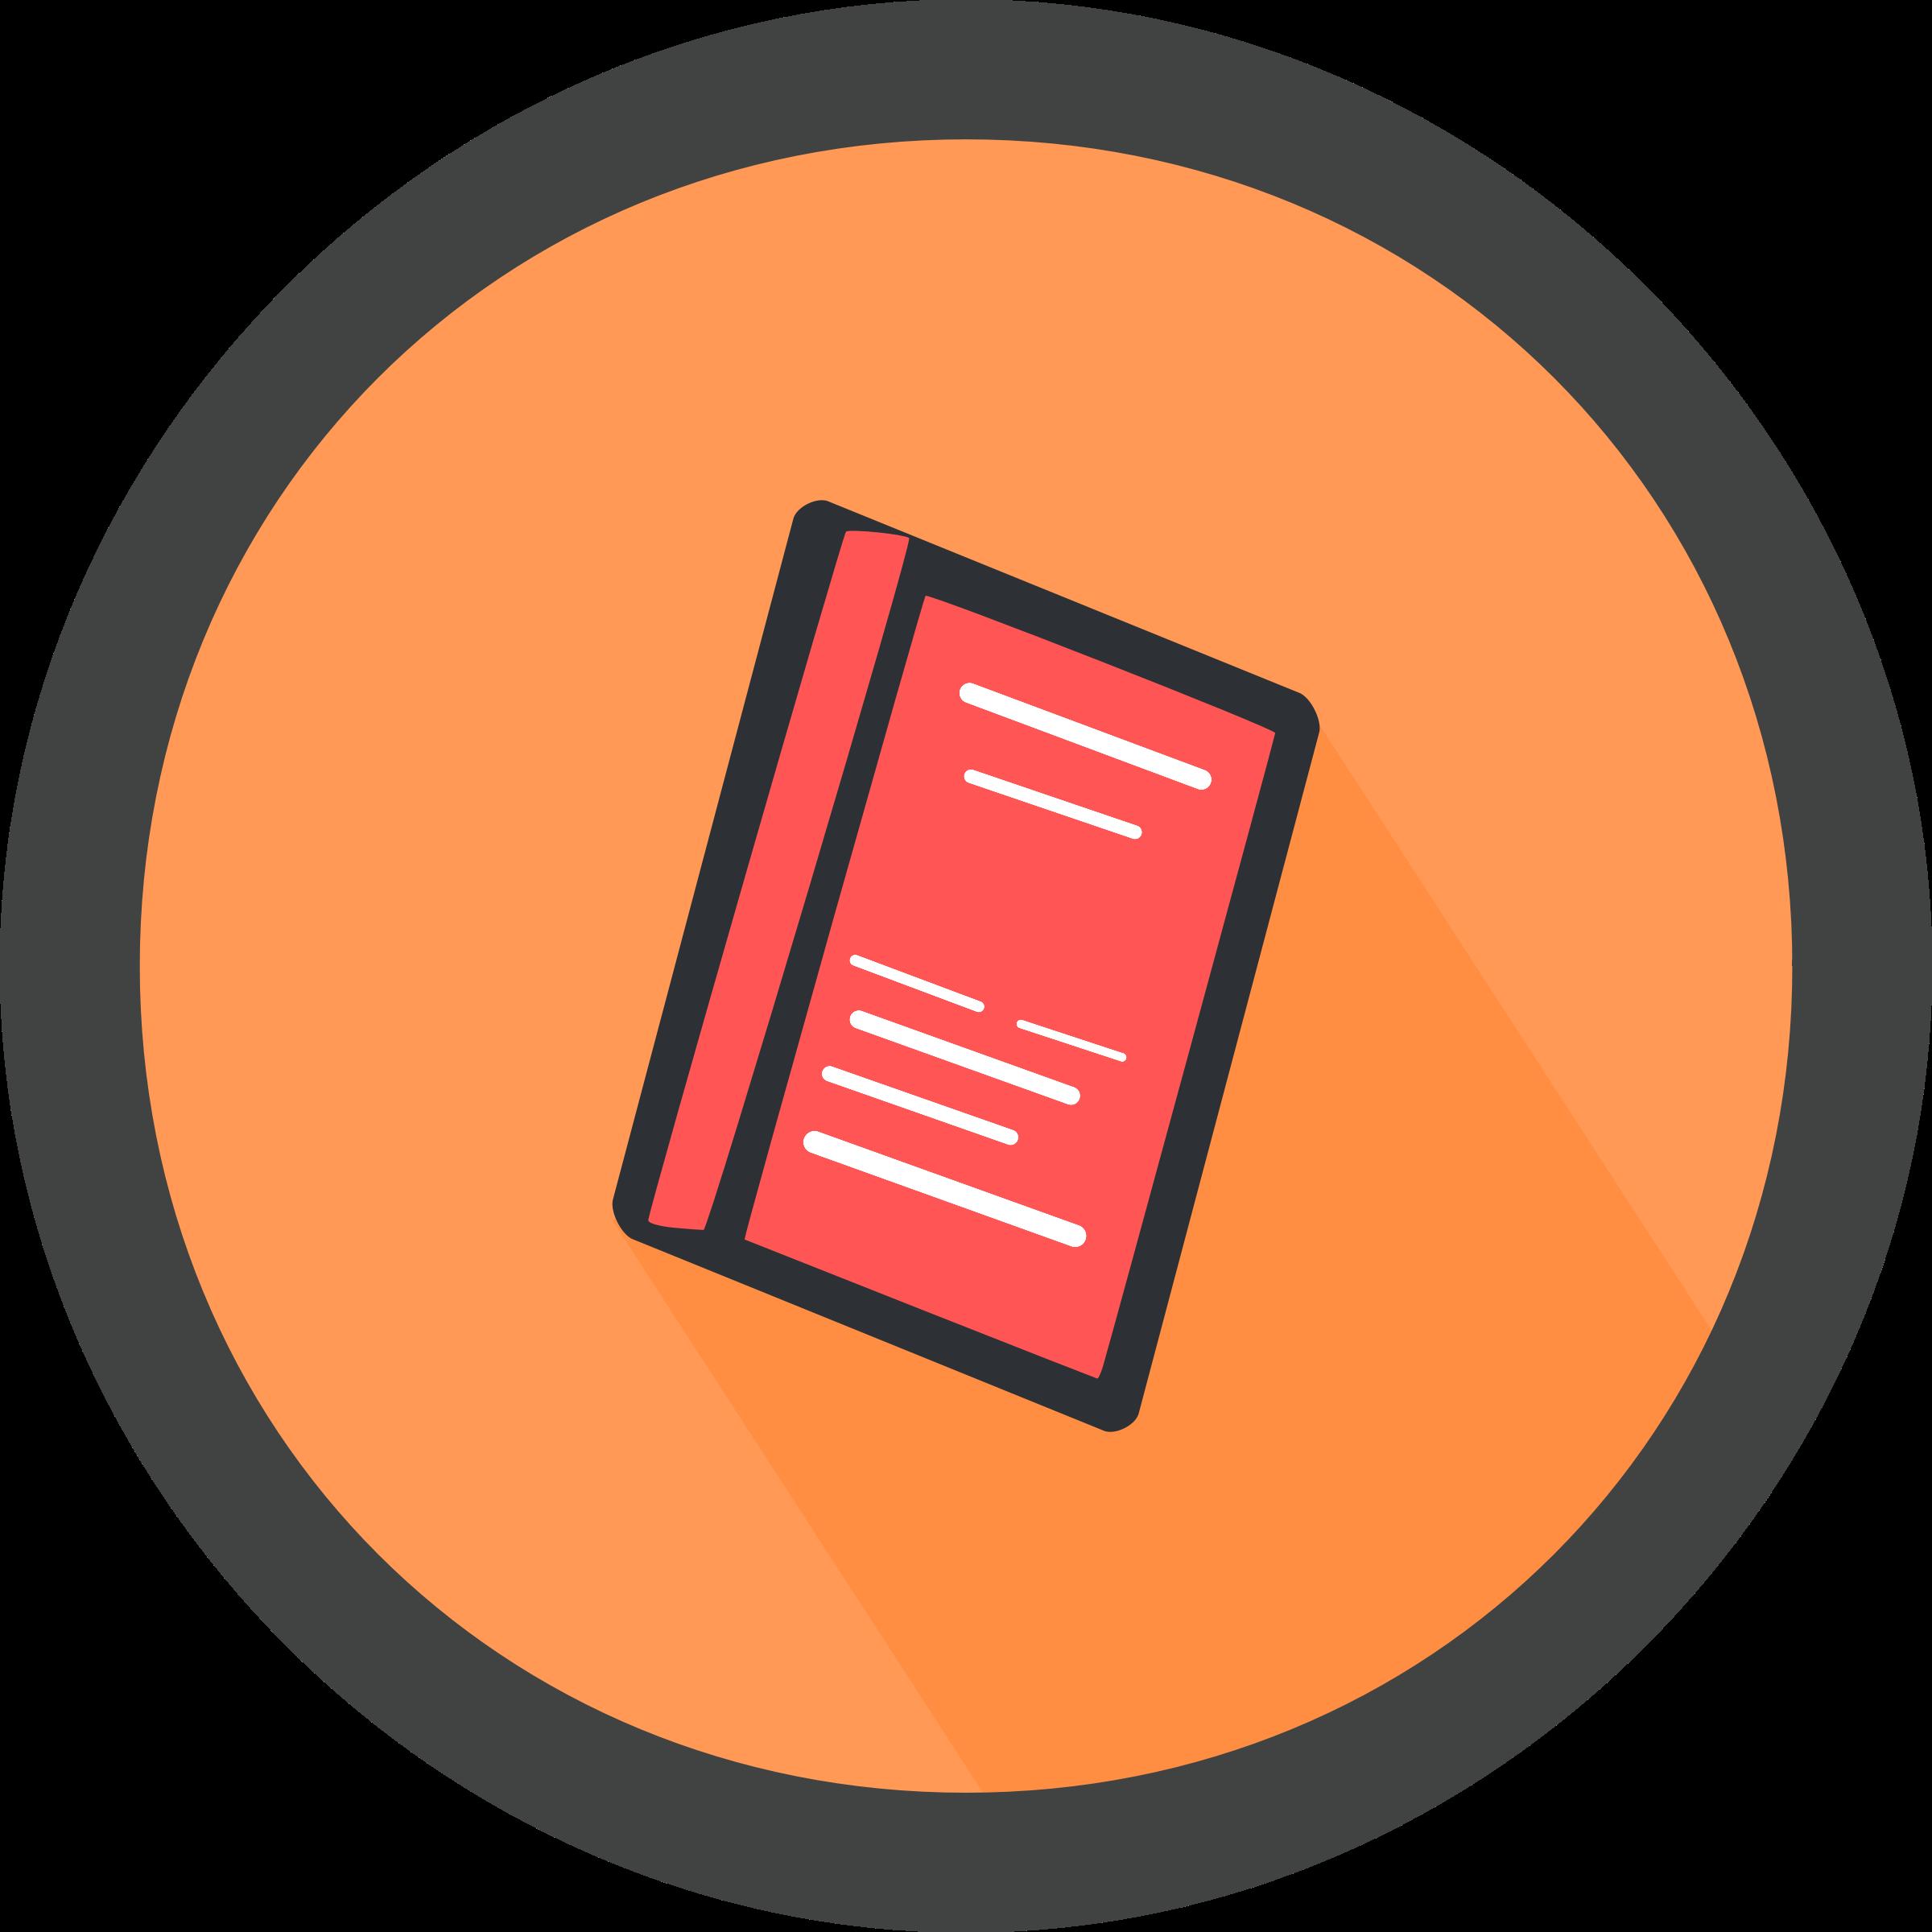 clipart book icon